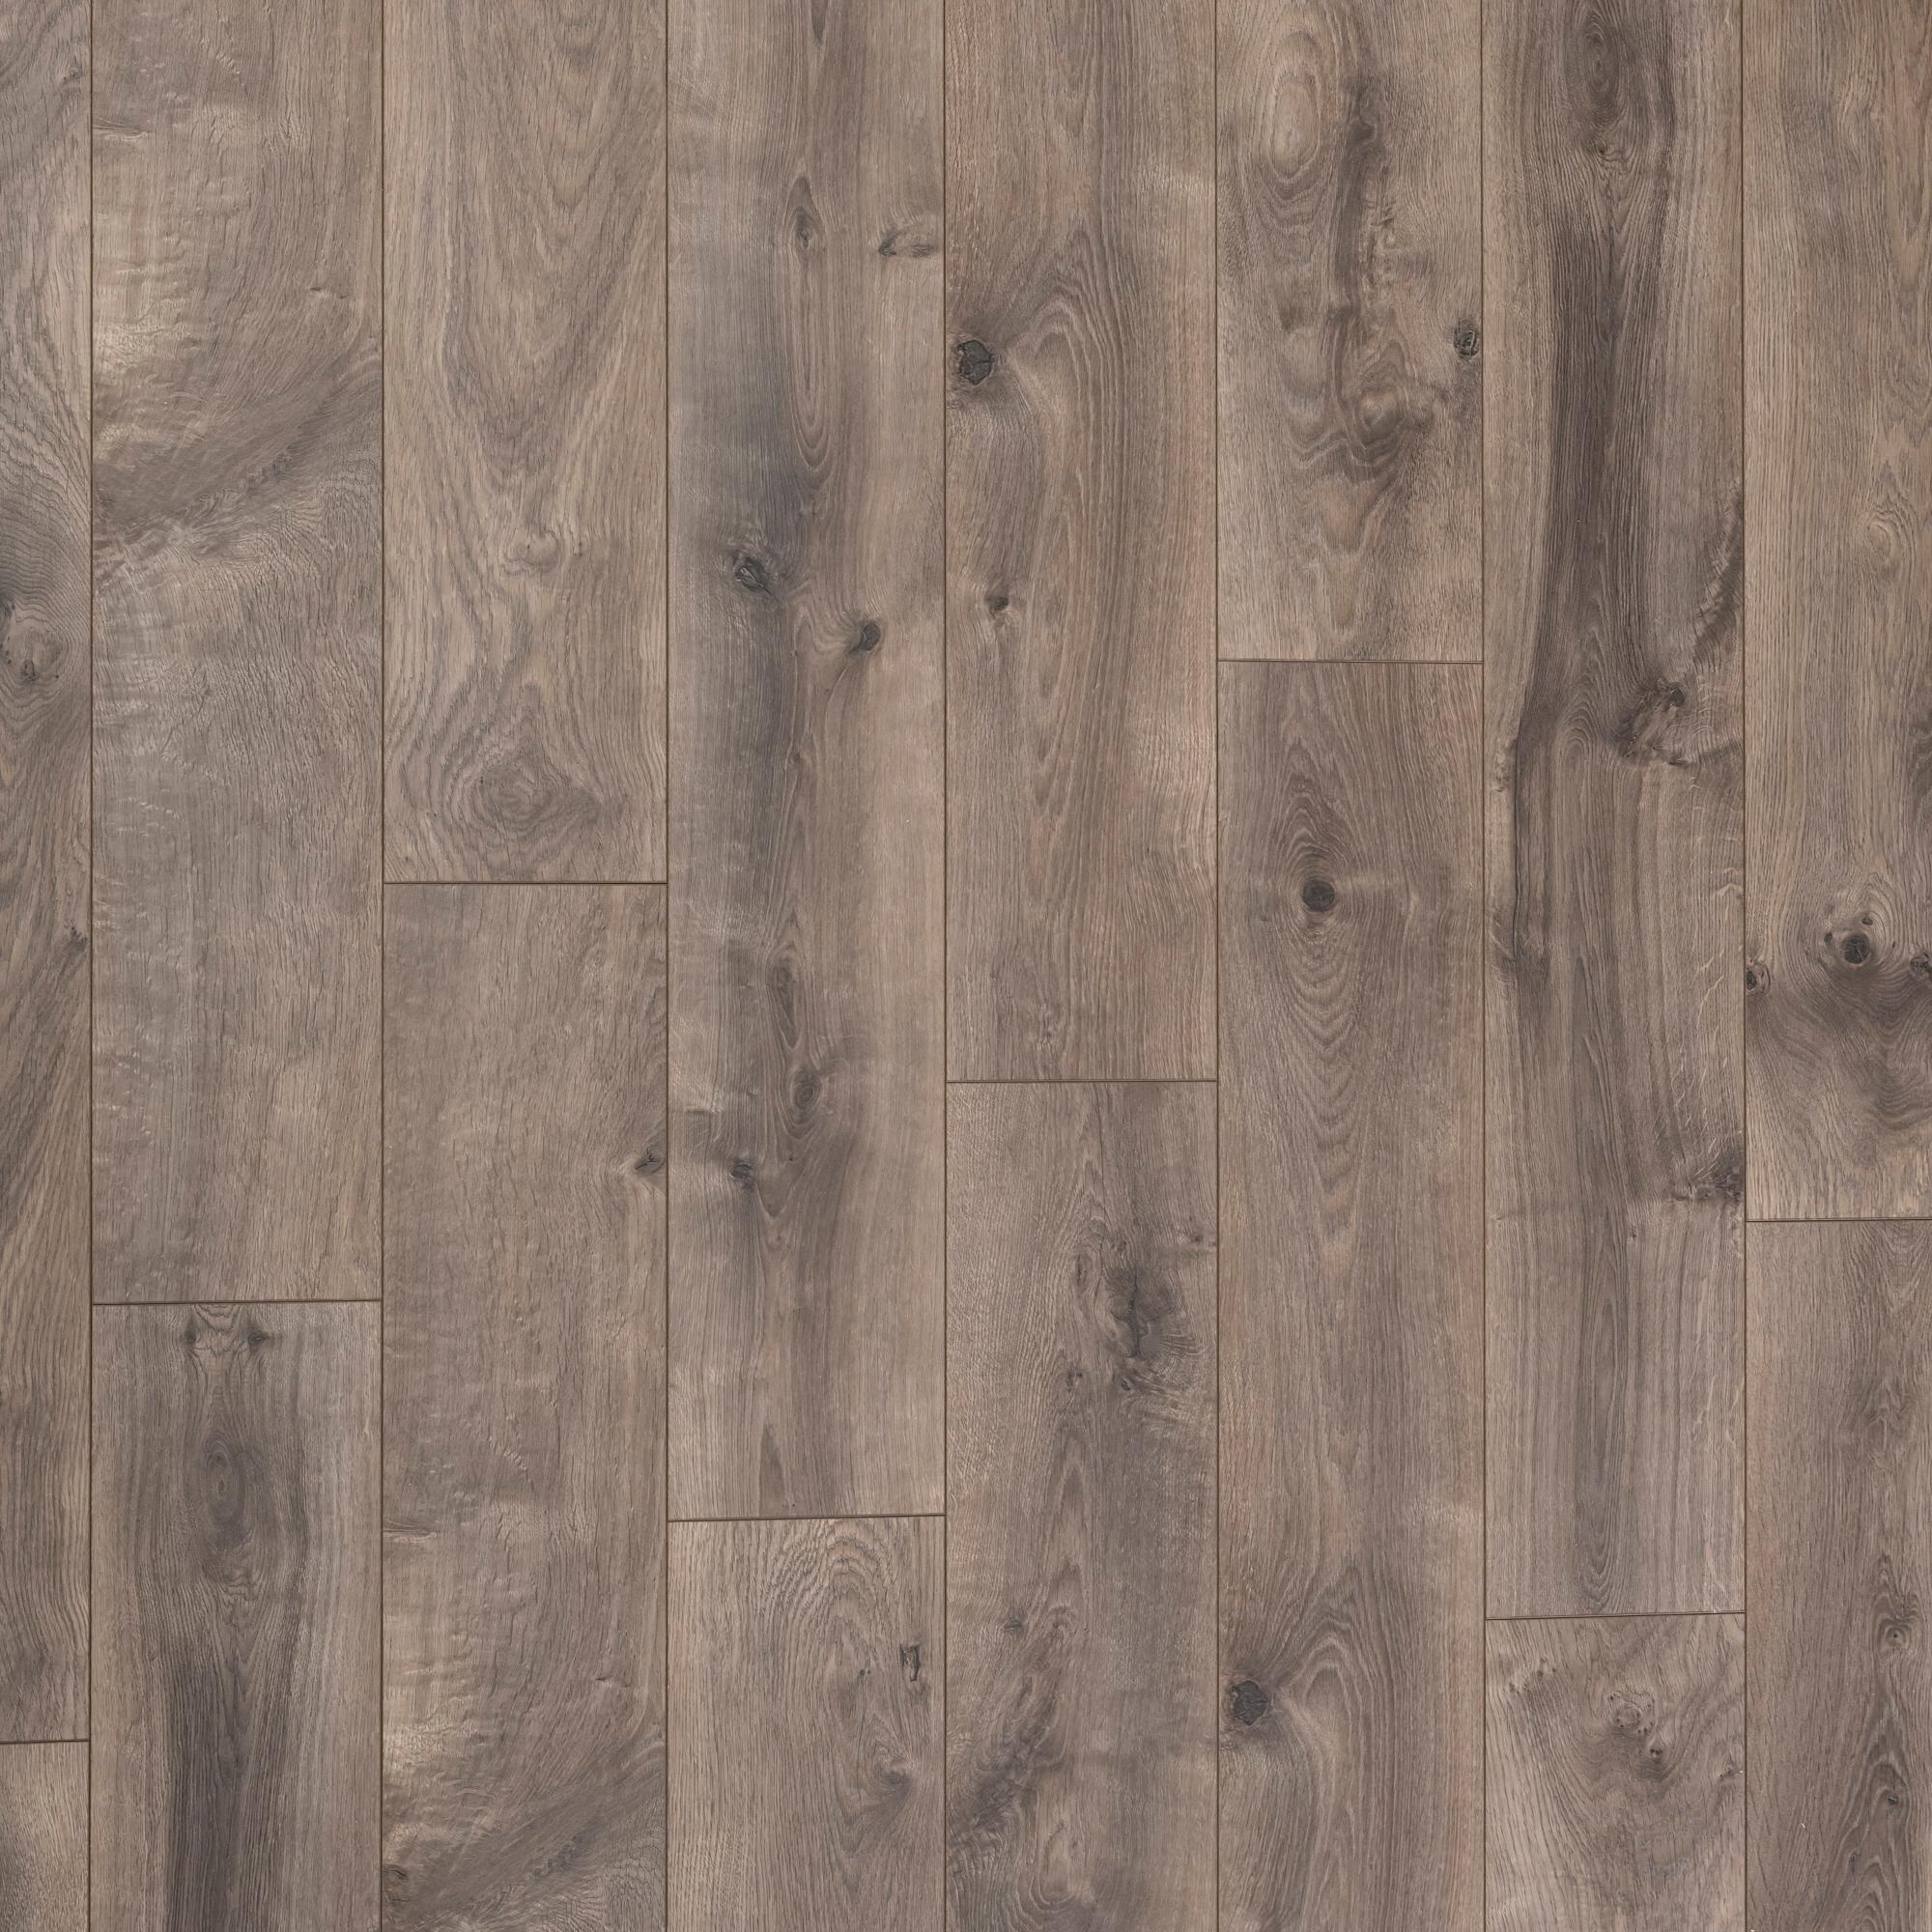 8mm Oak Laminate Flooring